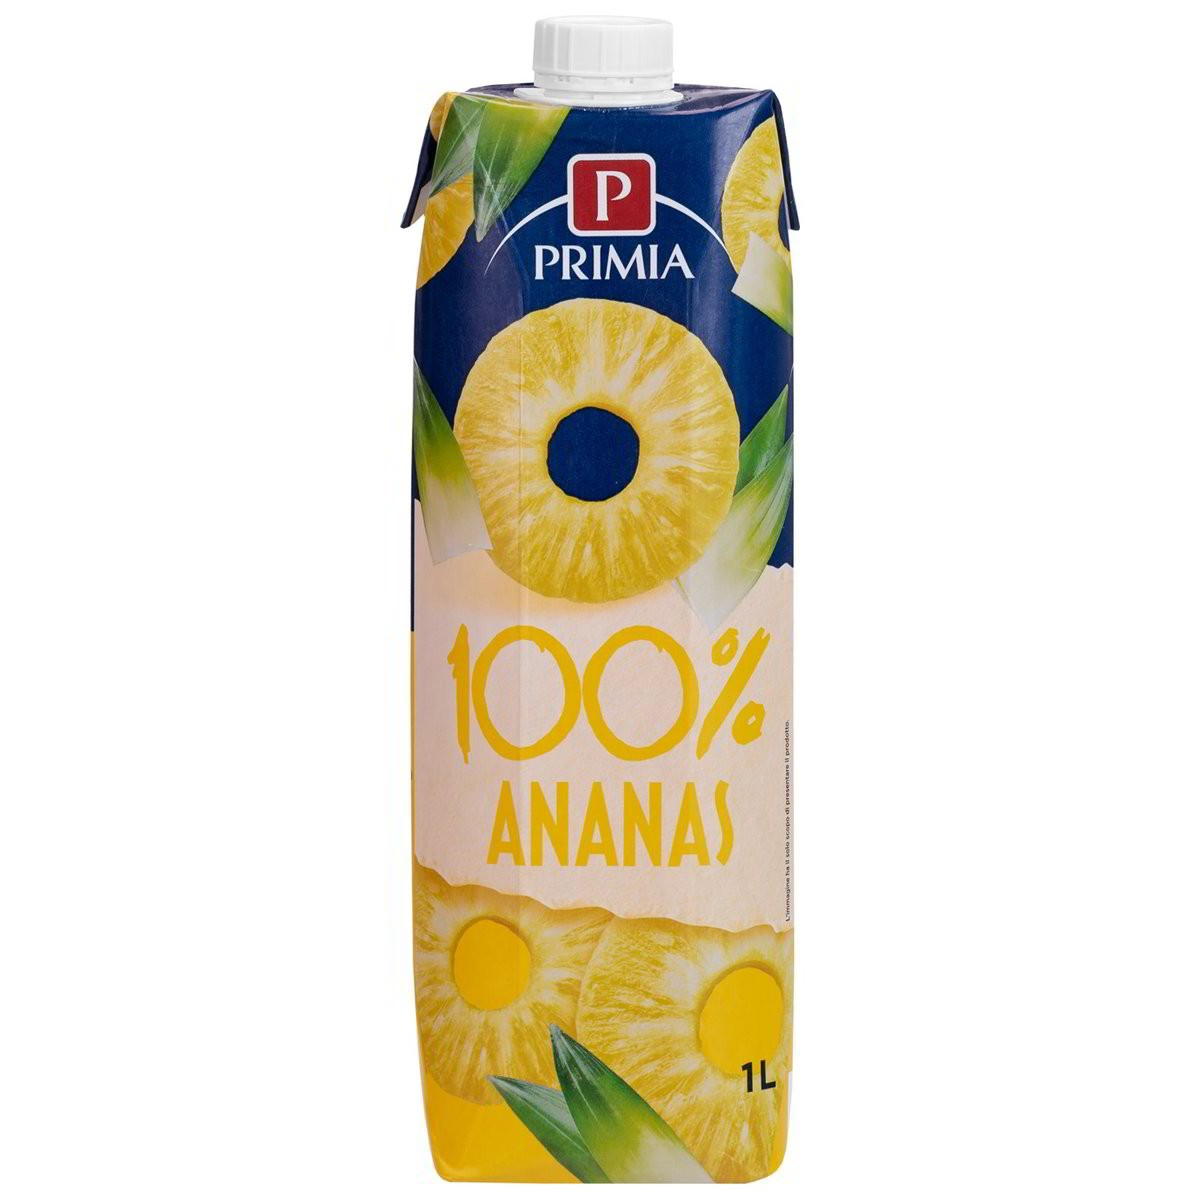 PRIMIA ANANAS 100%